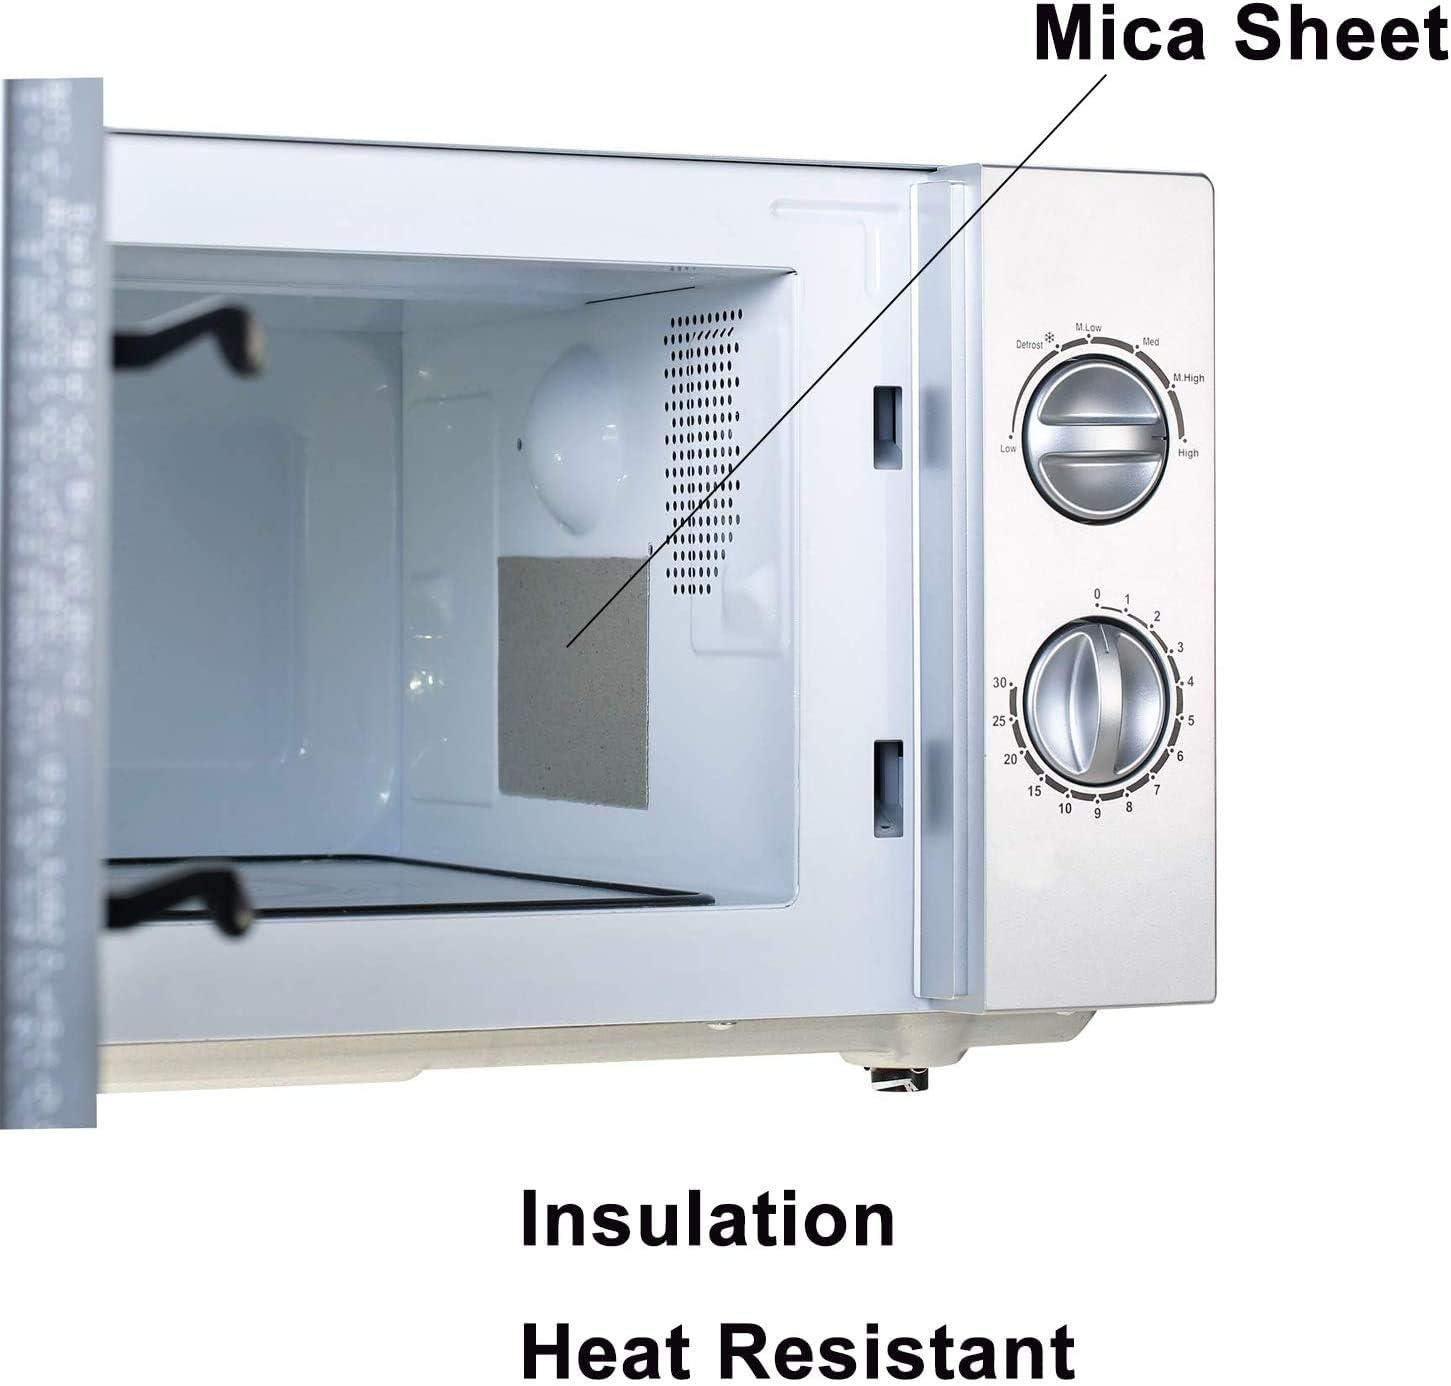 4 PCS Fallcon Mica Microondas Reparaci/ón de Microondas Mica de Placas Hojas de Microondas 13 x 13cm